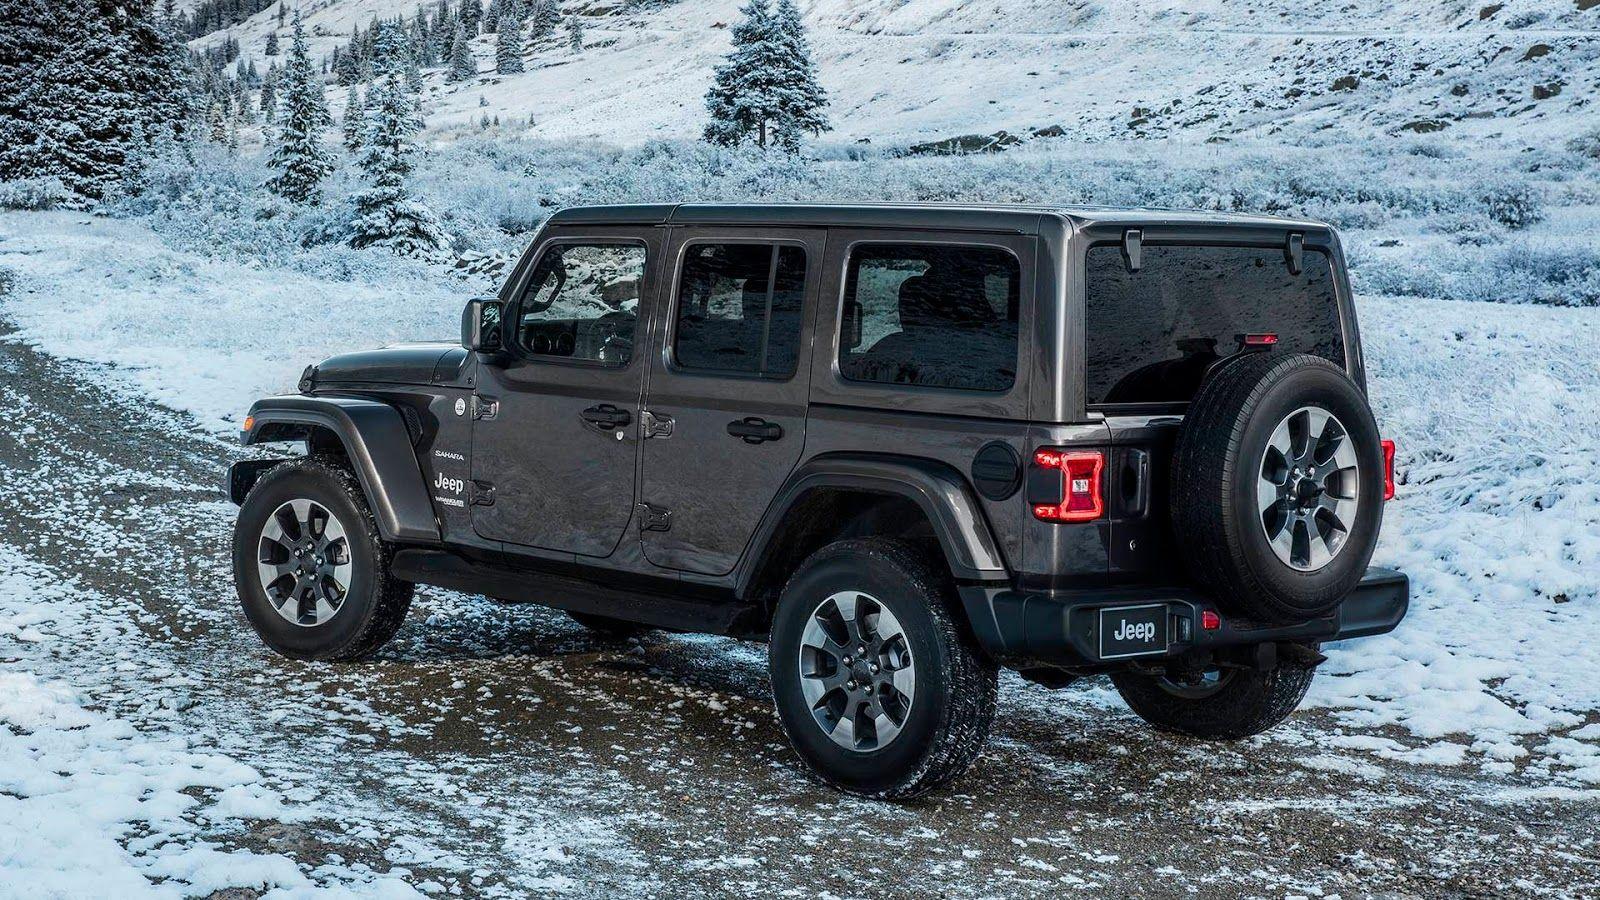 2018 Jeep Wrangler 35 Jpg 1600 900 2018 Jeep Wrangler